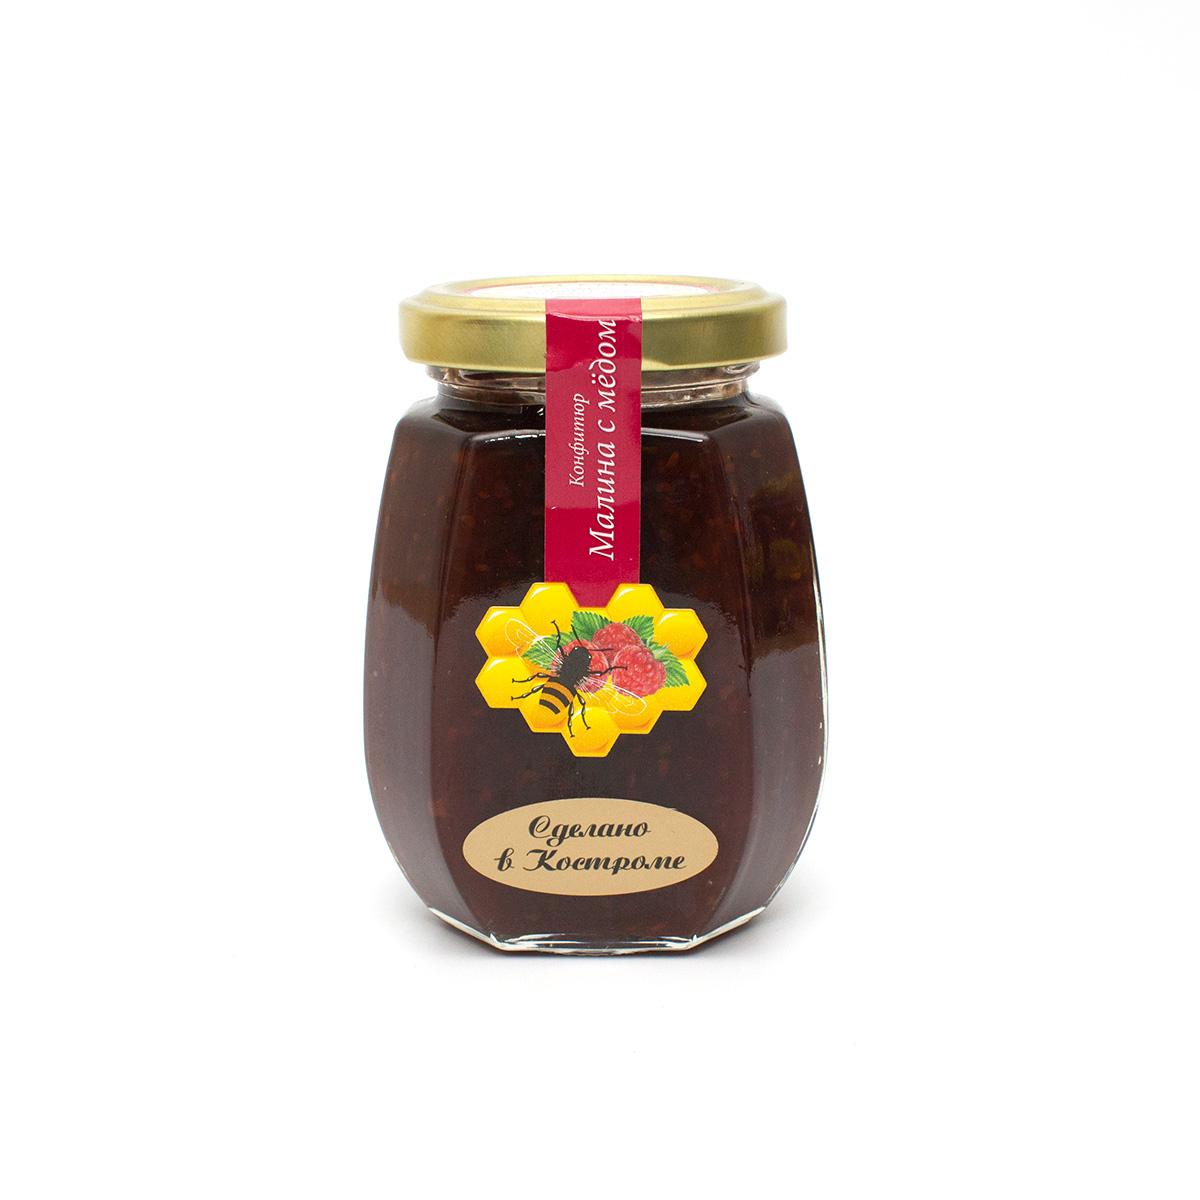 Купить со скидкой Конфитюр Малина с медом, 220 г